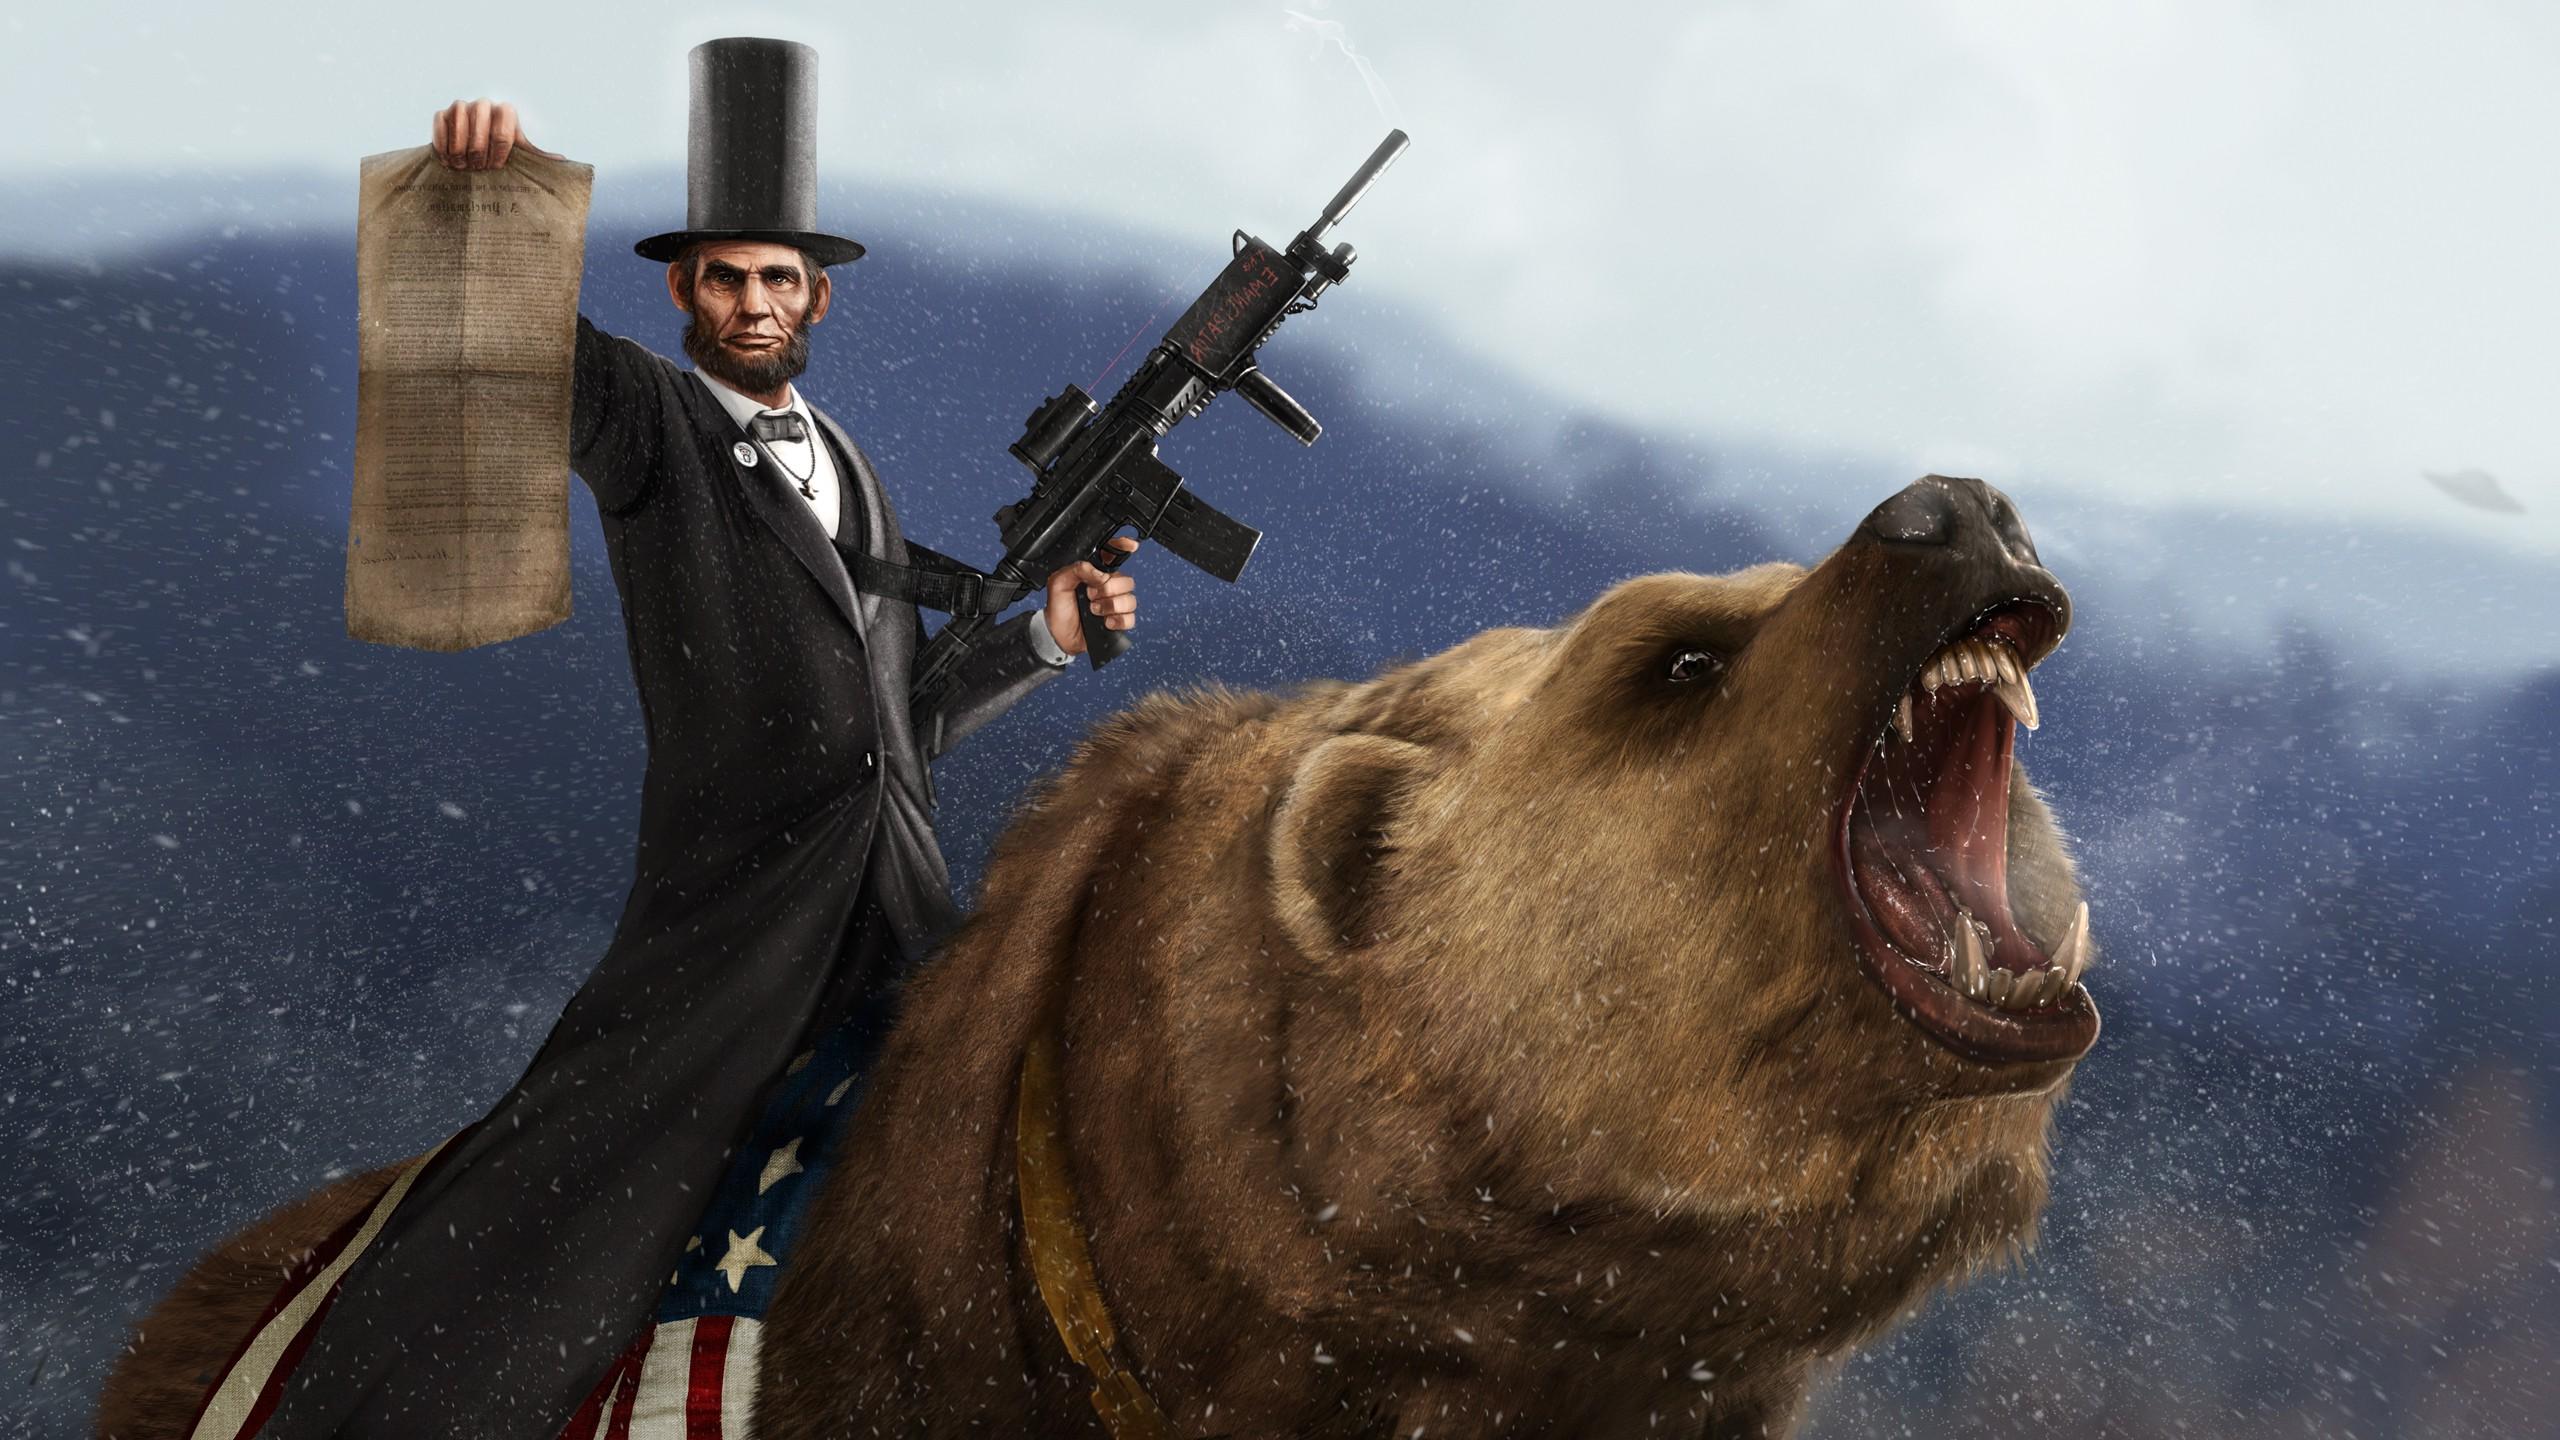 Скачать обои на рабочий стол путин верхом на медведе